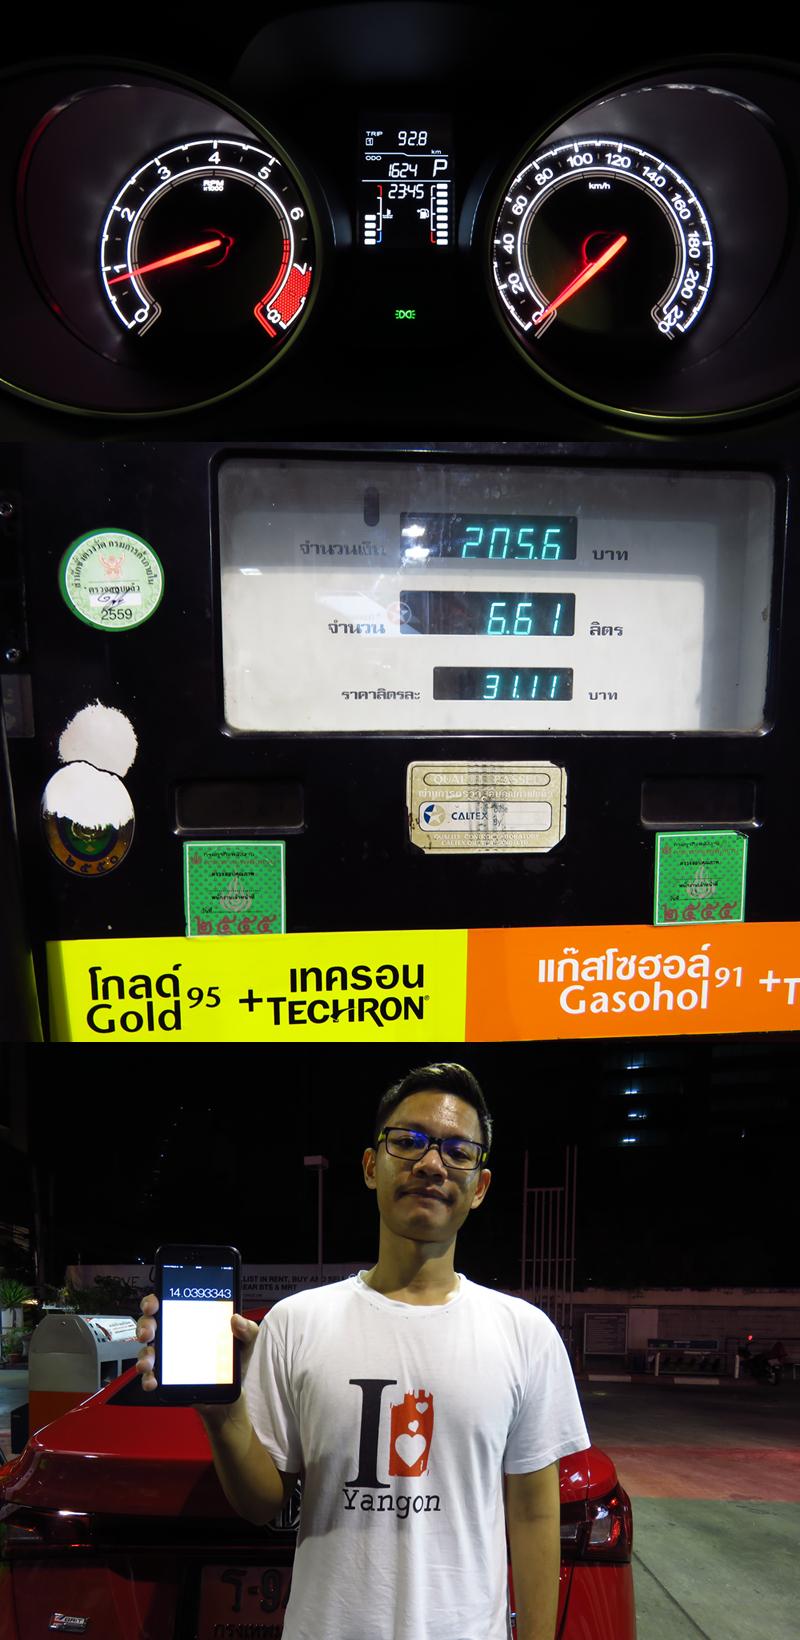 2016_03_MG_5_Fuel_Consumption_3